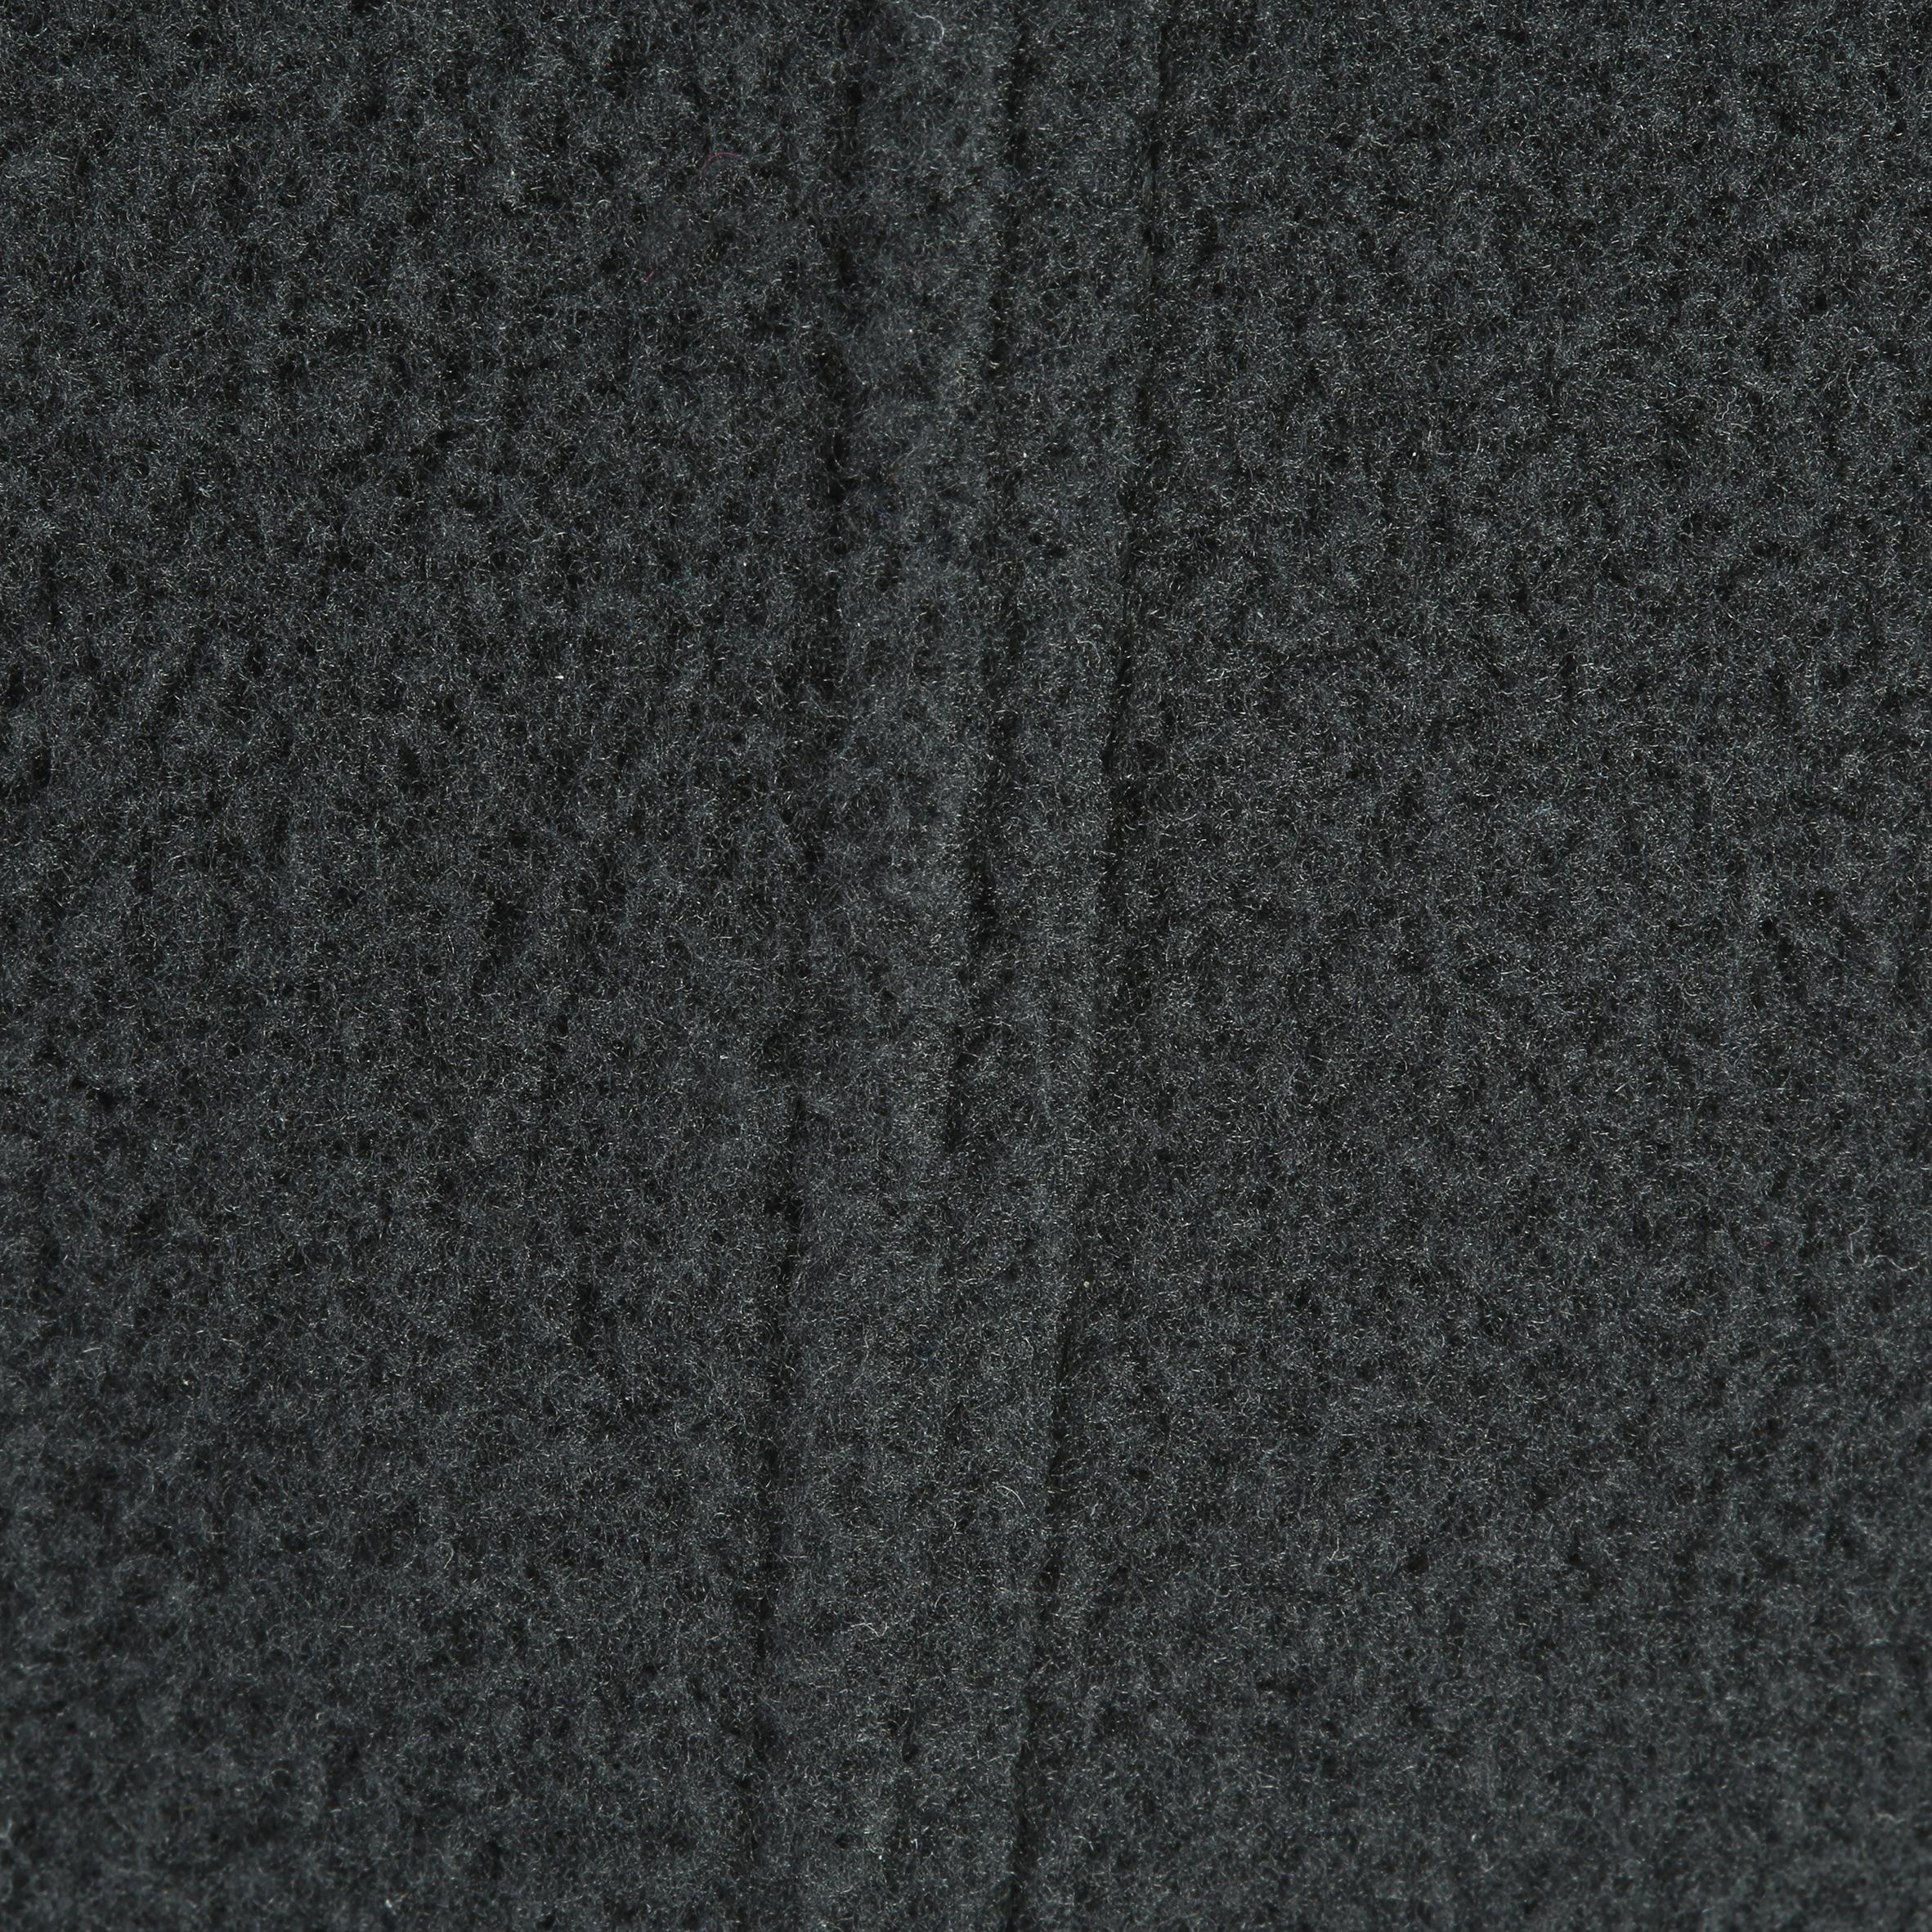 CAGOULE DE SKI ADULTE POLAIRE NOIRE